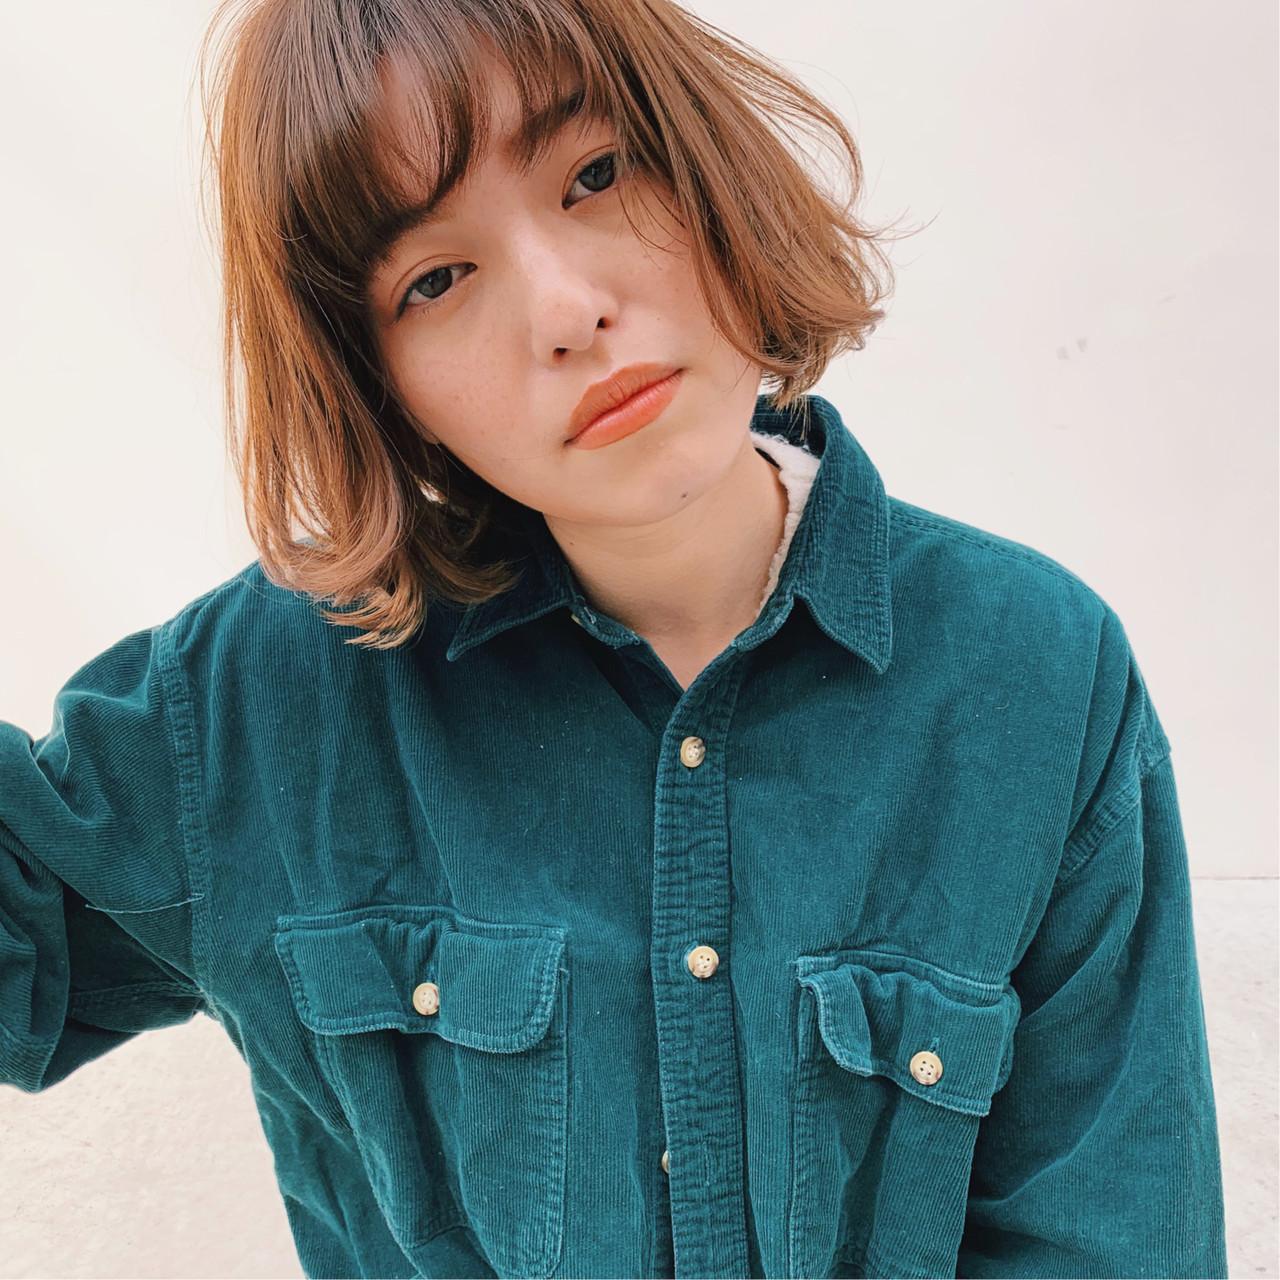 透け感ヘア アンニュイほつれヘア ボブ パーマ ヘアスタイルや髪型の写真・画像